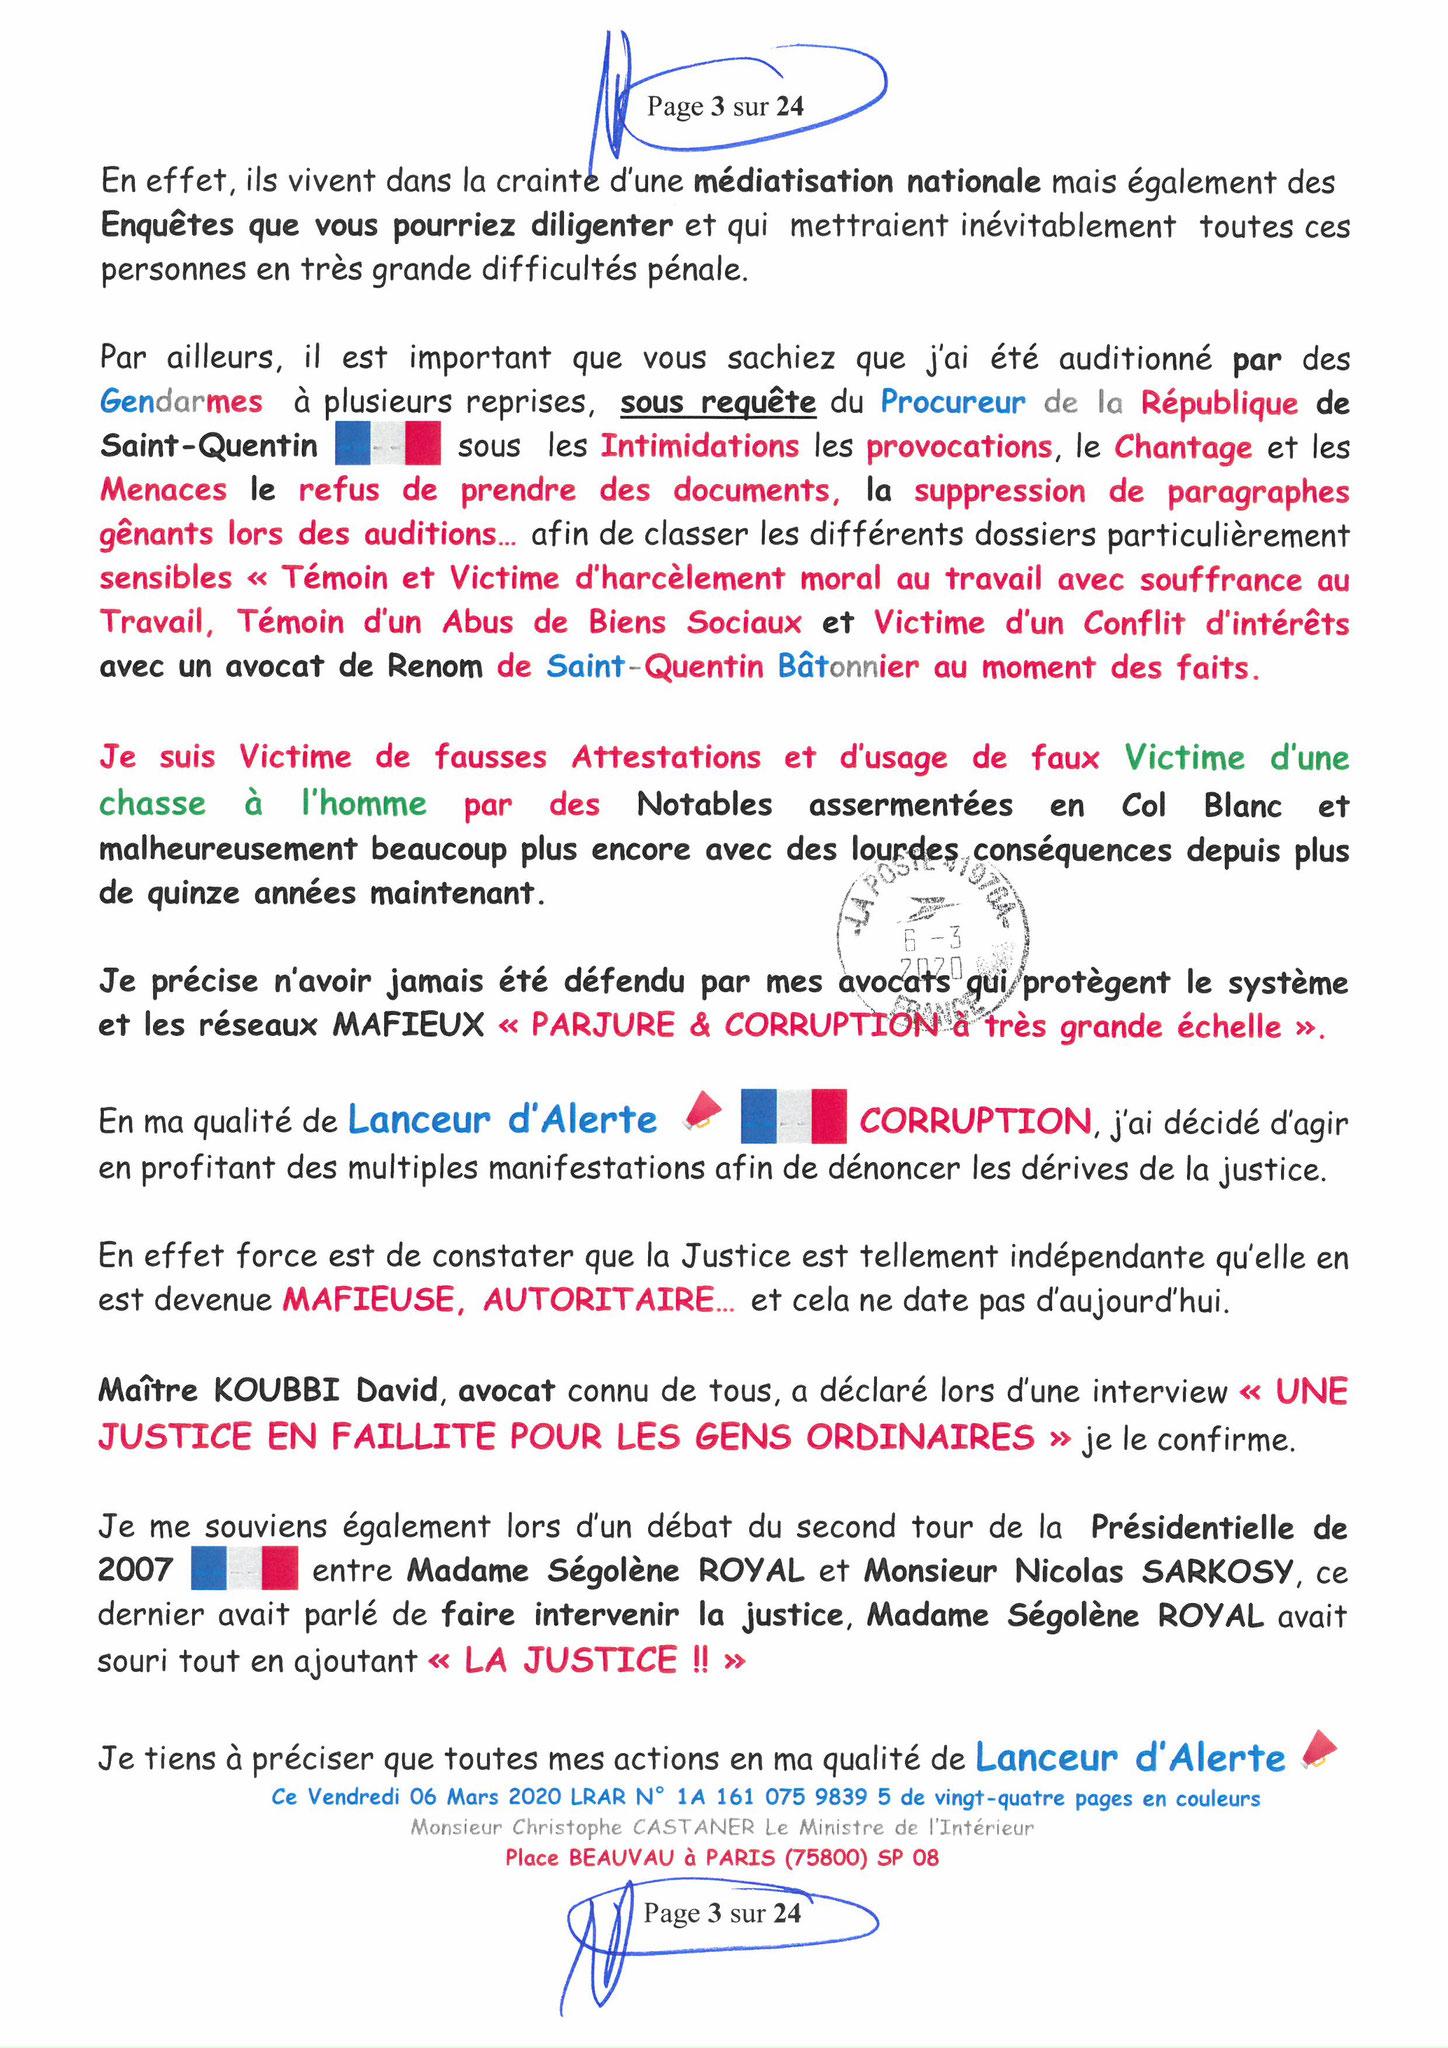 Ma LRAR à Monsieur le Ministre de l'Intérieur Christophe CASTANER N°1A 161 075 9839 5  Page 3 sur 24 en couleur du 06 Mars 2020  www.jesuispatrick.fr www.jesuisvictime.fr www.alerte-rouge-france.fr